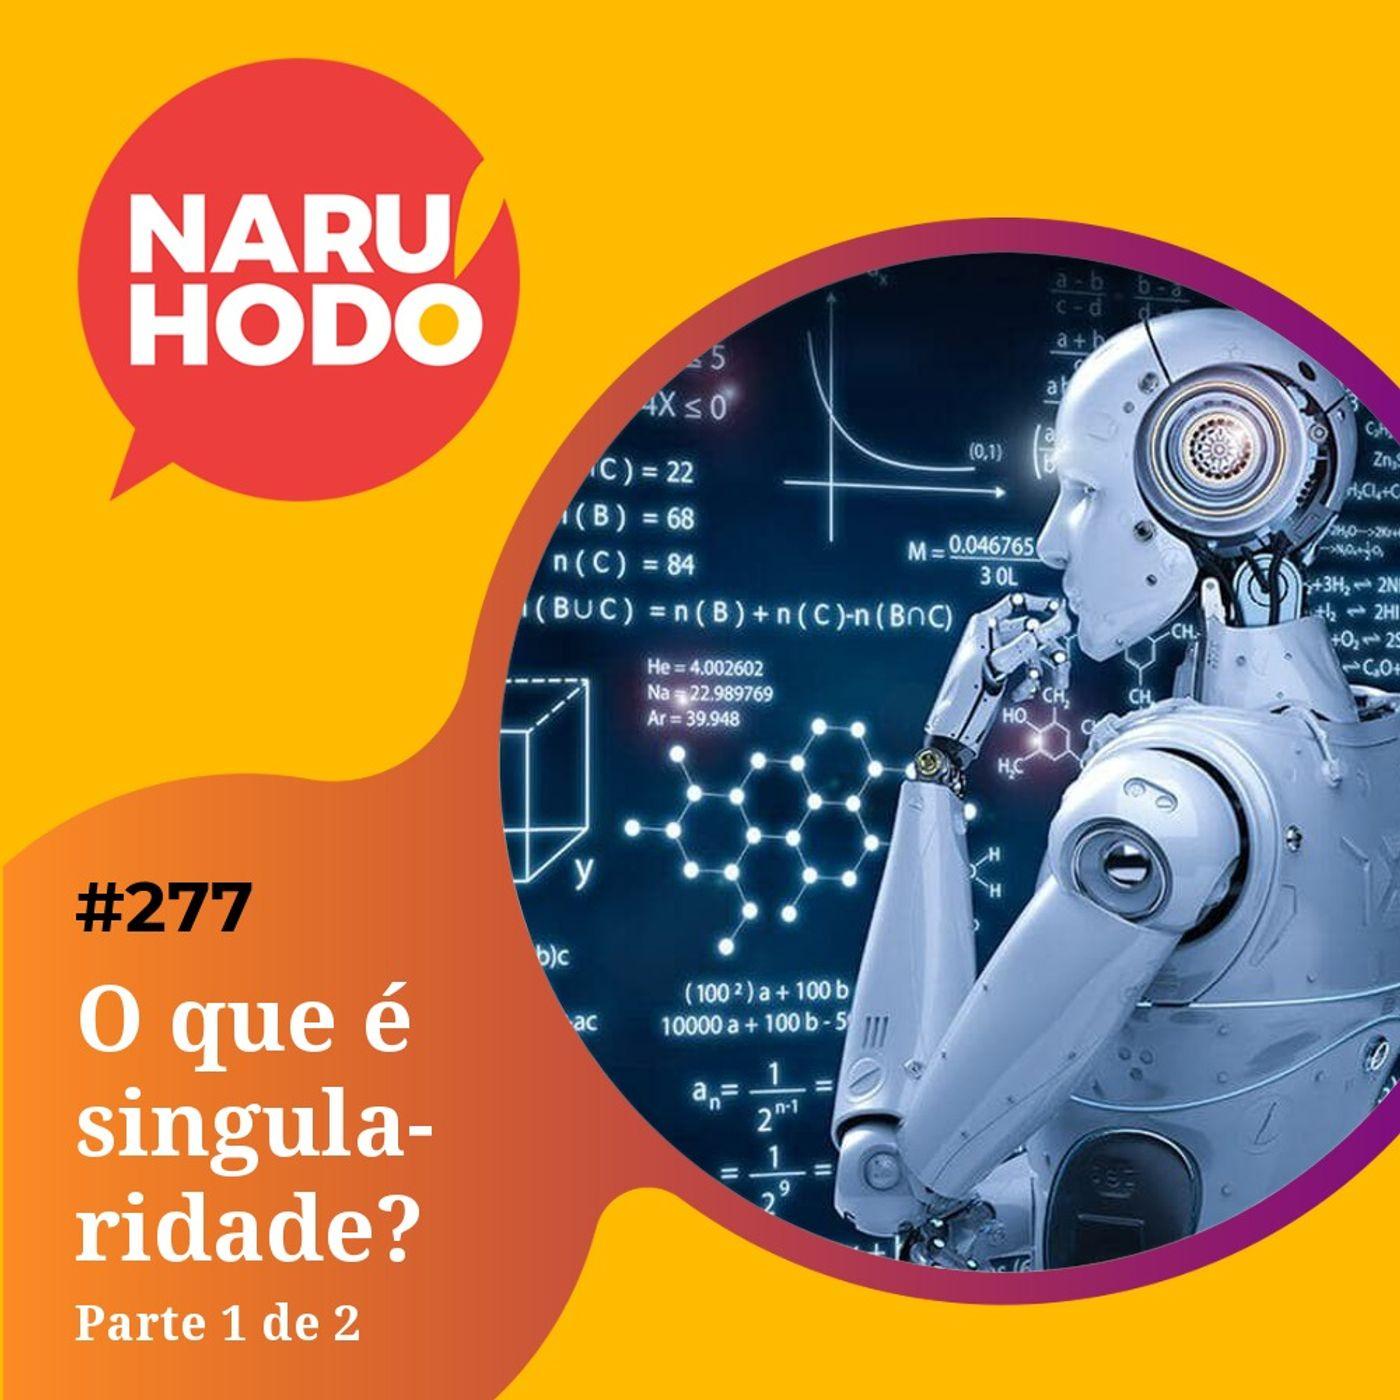 Naruhodo #277 - O que é singularidade? - Parte 1 de 2